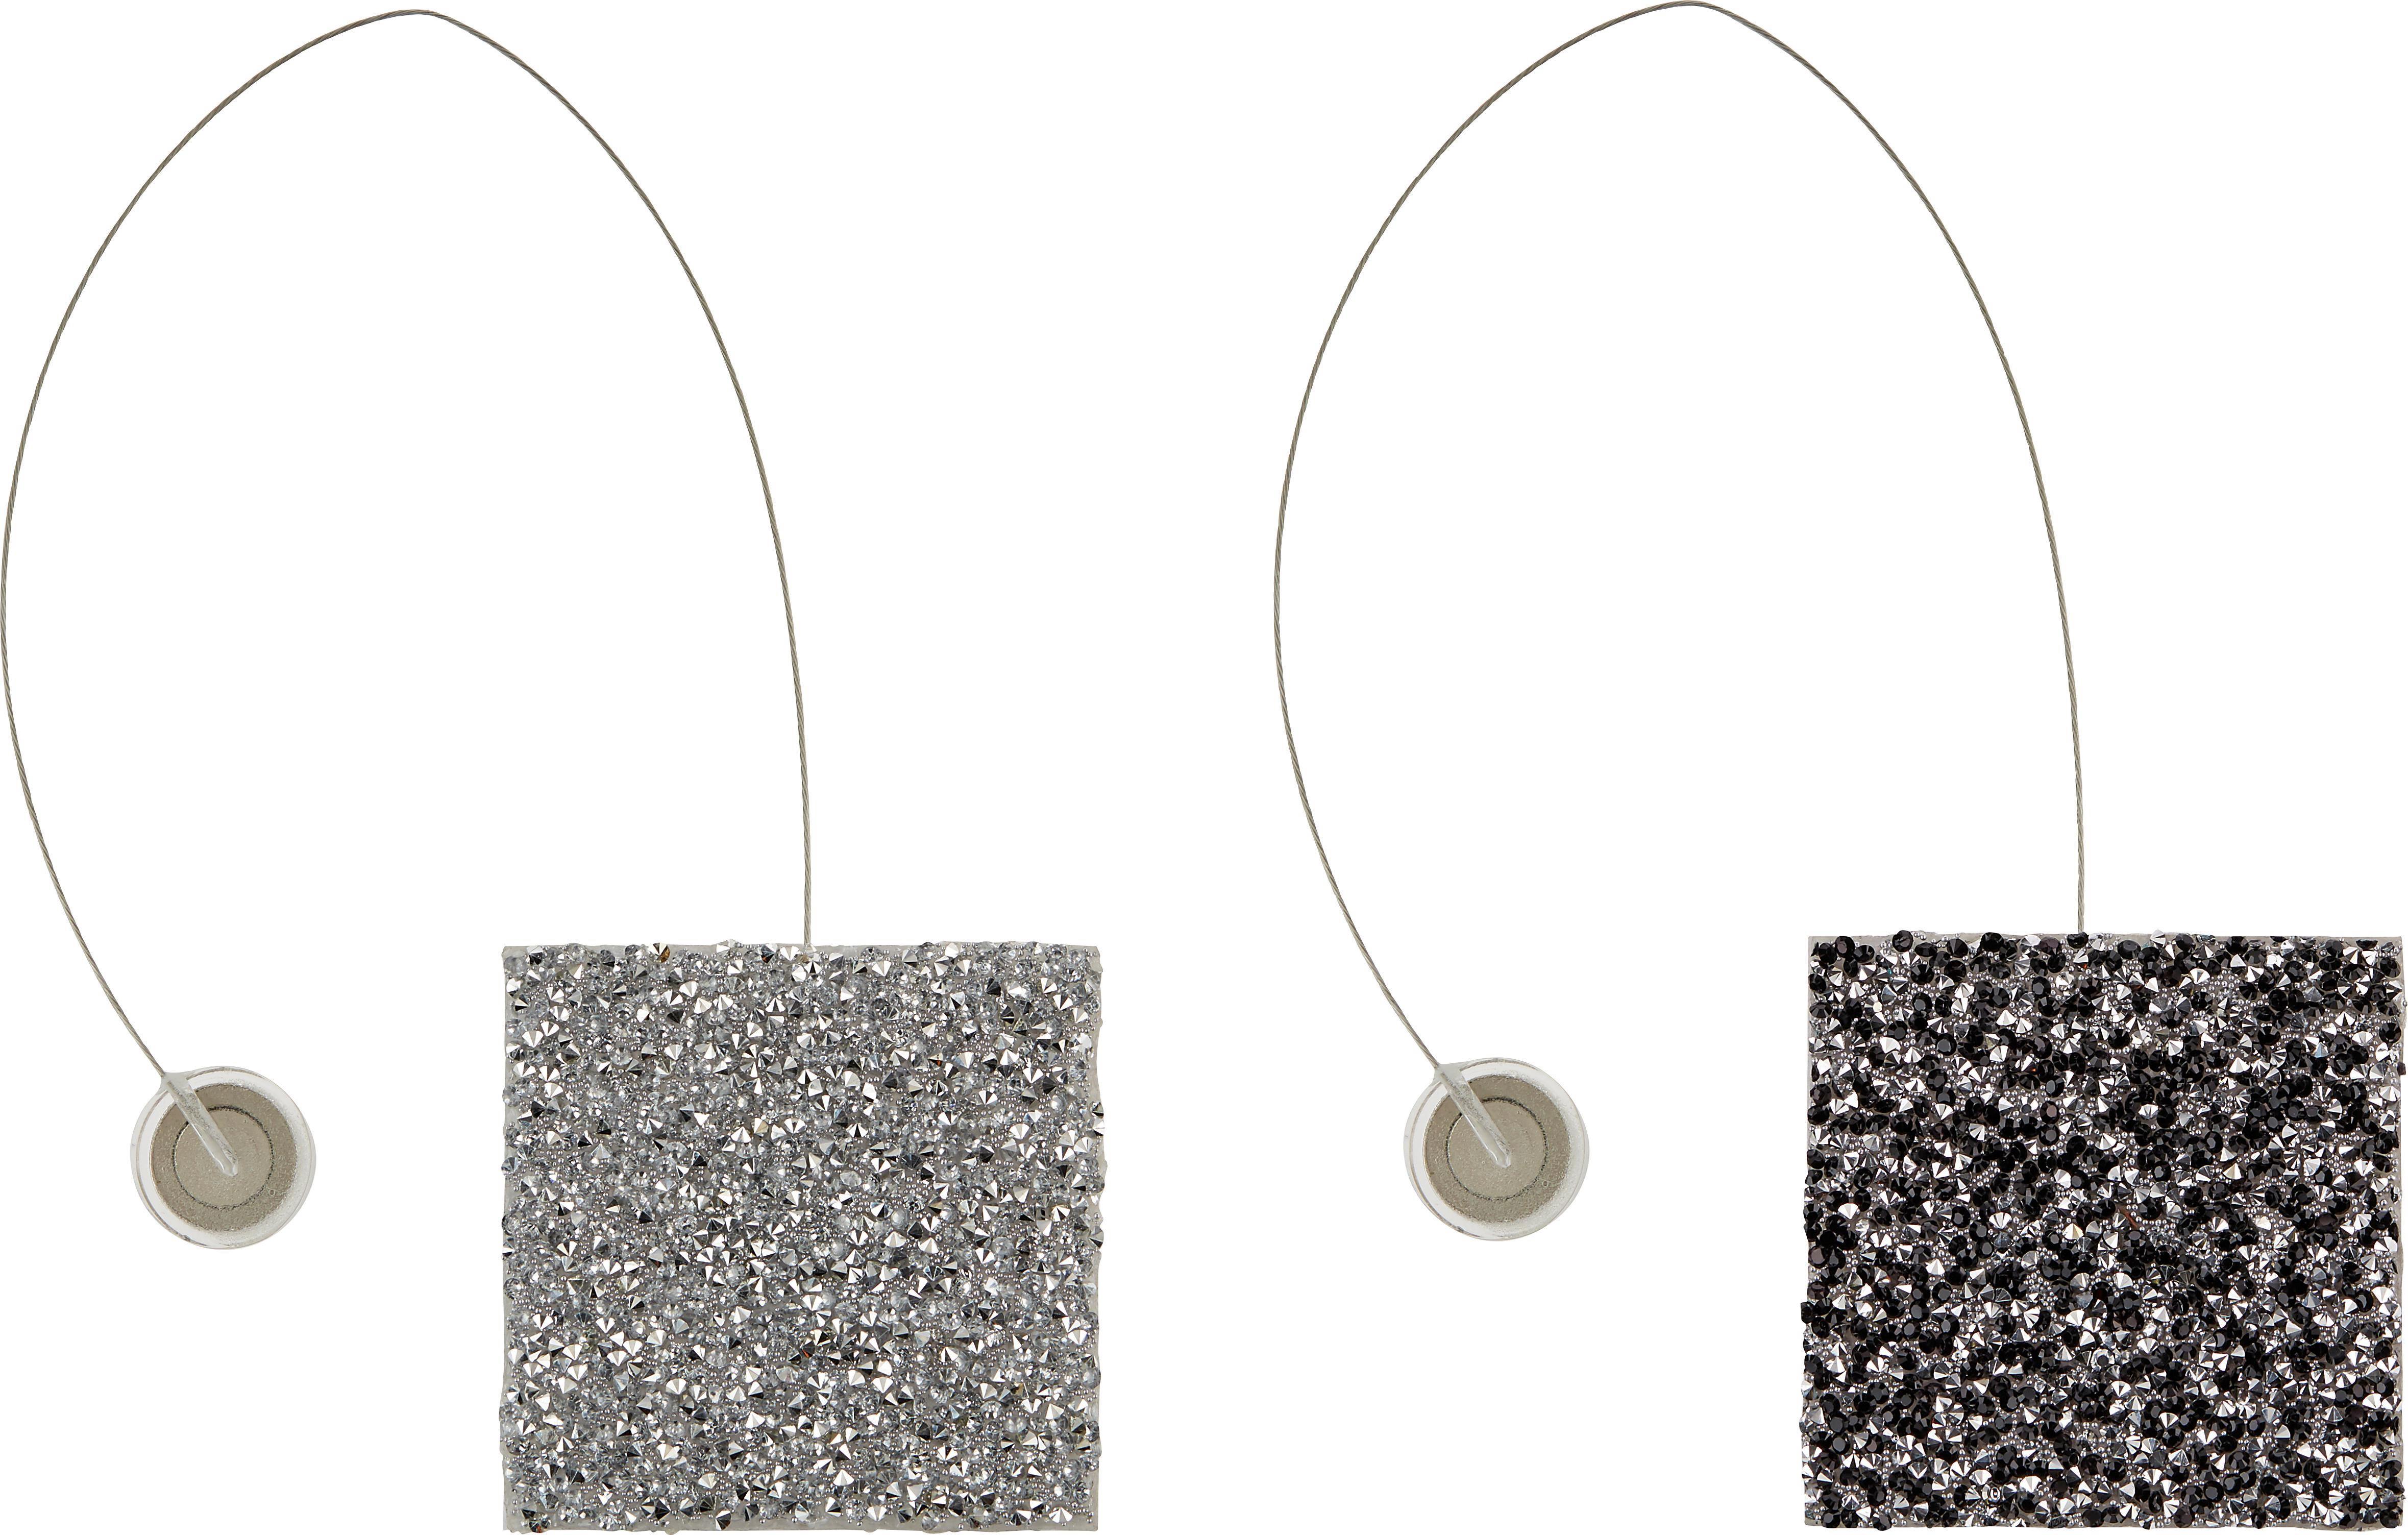 Raffhalter Strass mit Magnetverschluss - Silberfarben/Schwarz, LIFESTYLE, Kunststoff (6cm) - MÖMAX modern living